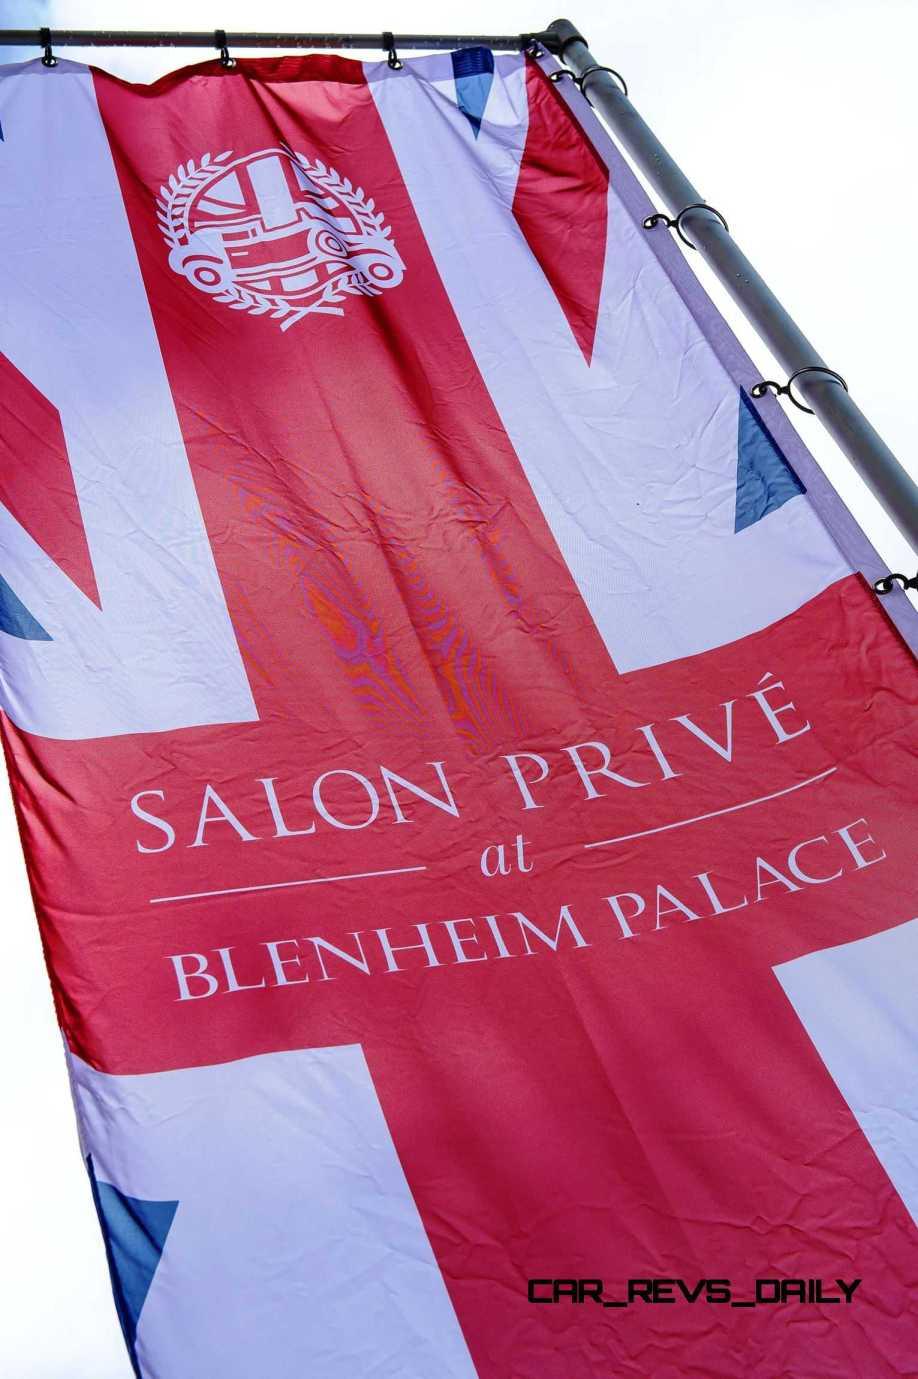 2015 Salon Prive Preview 109